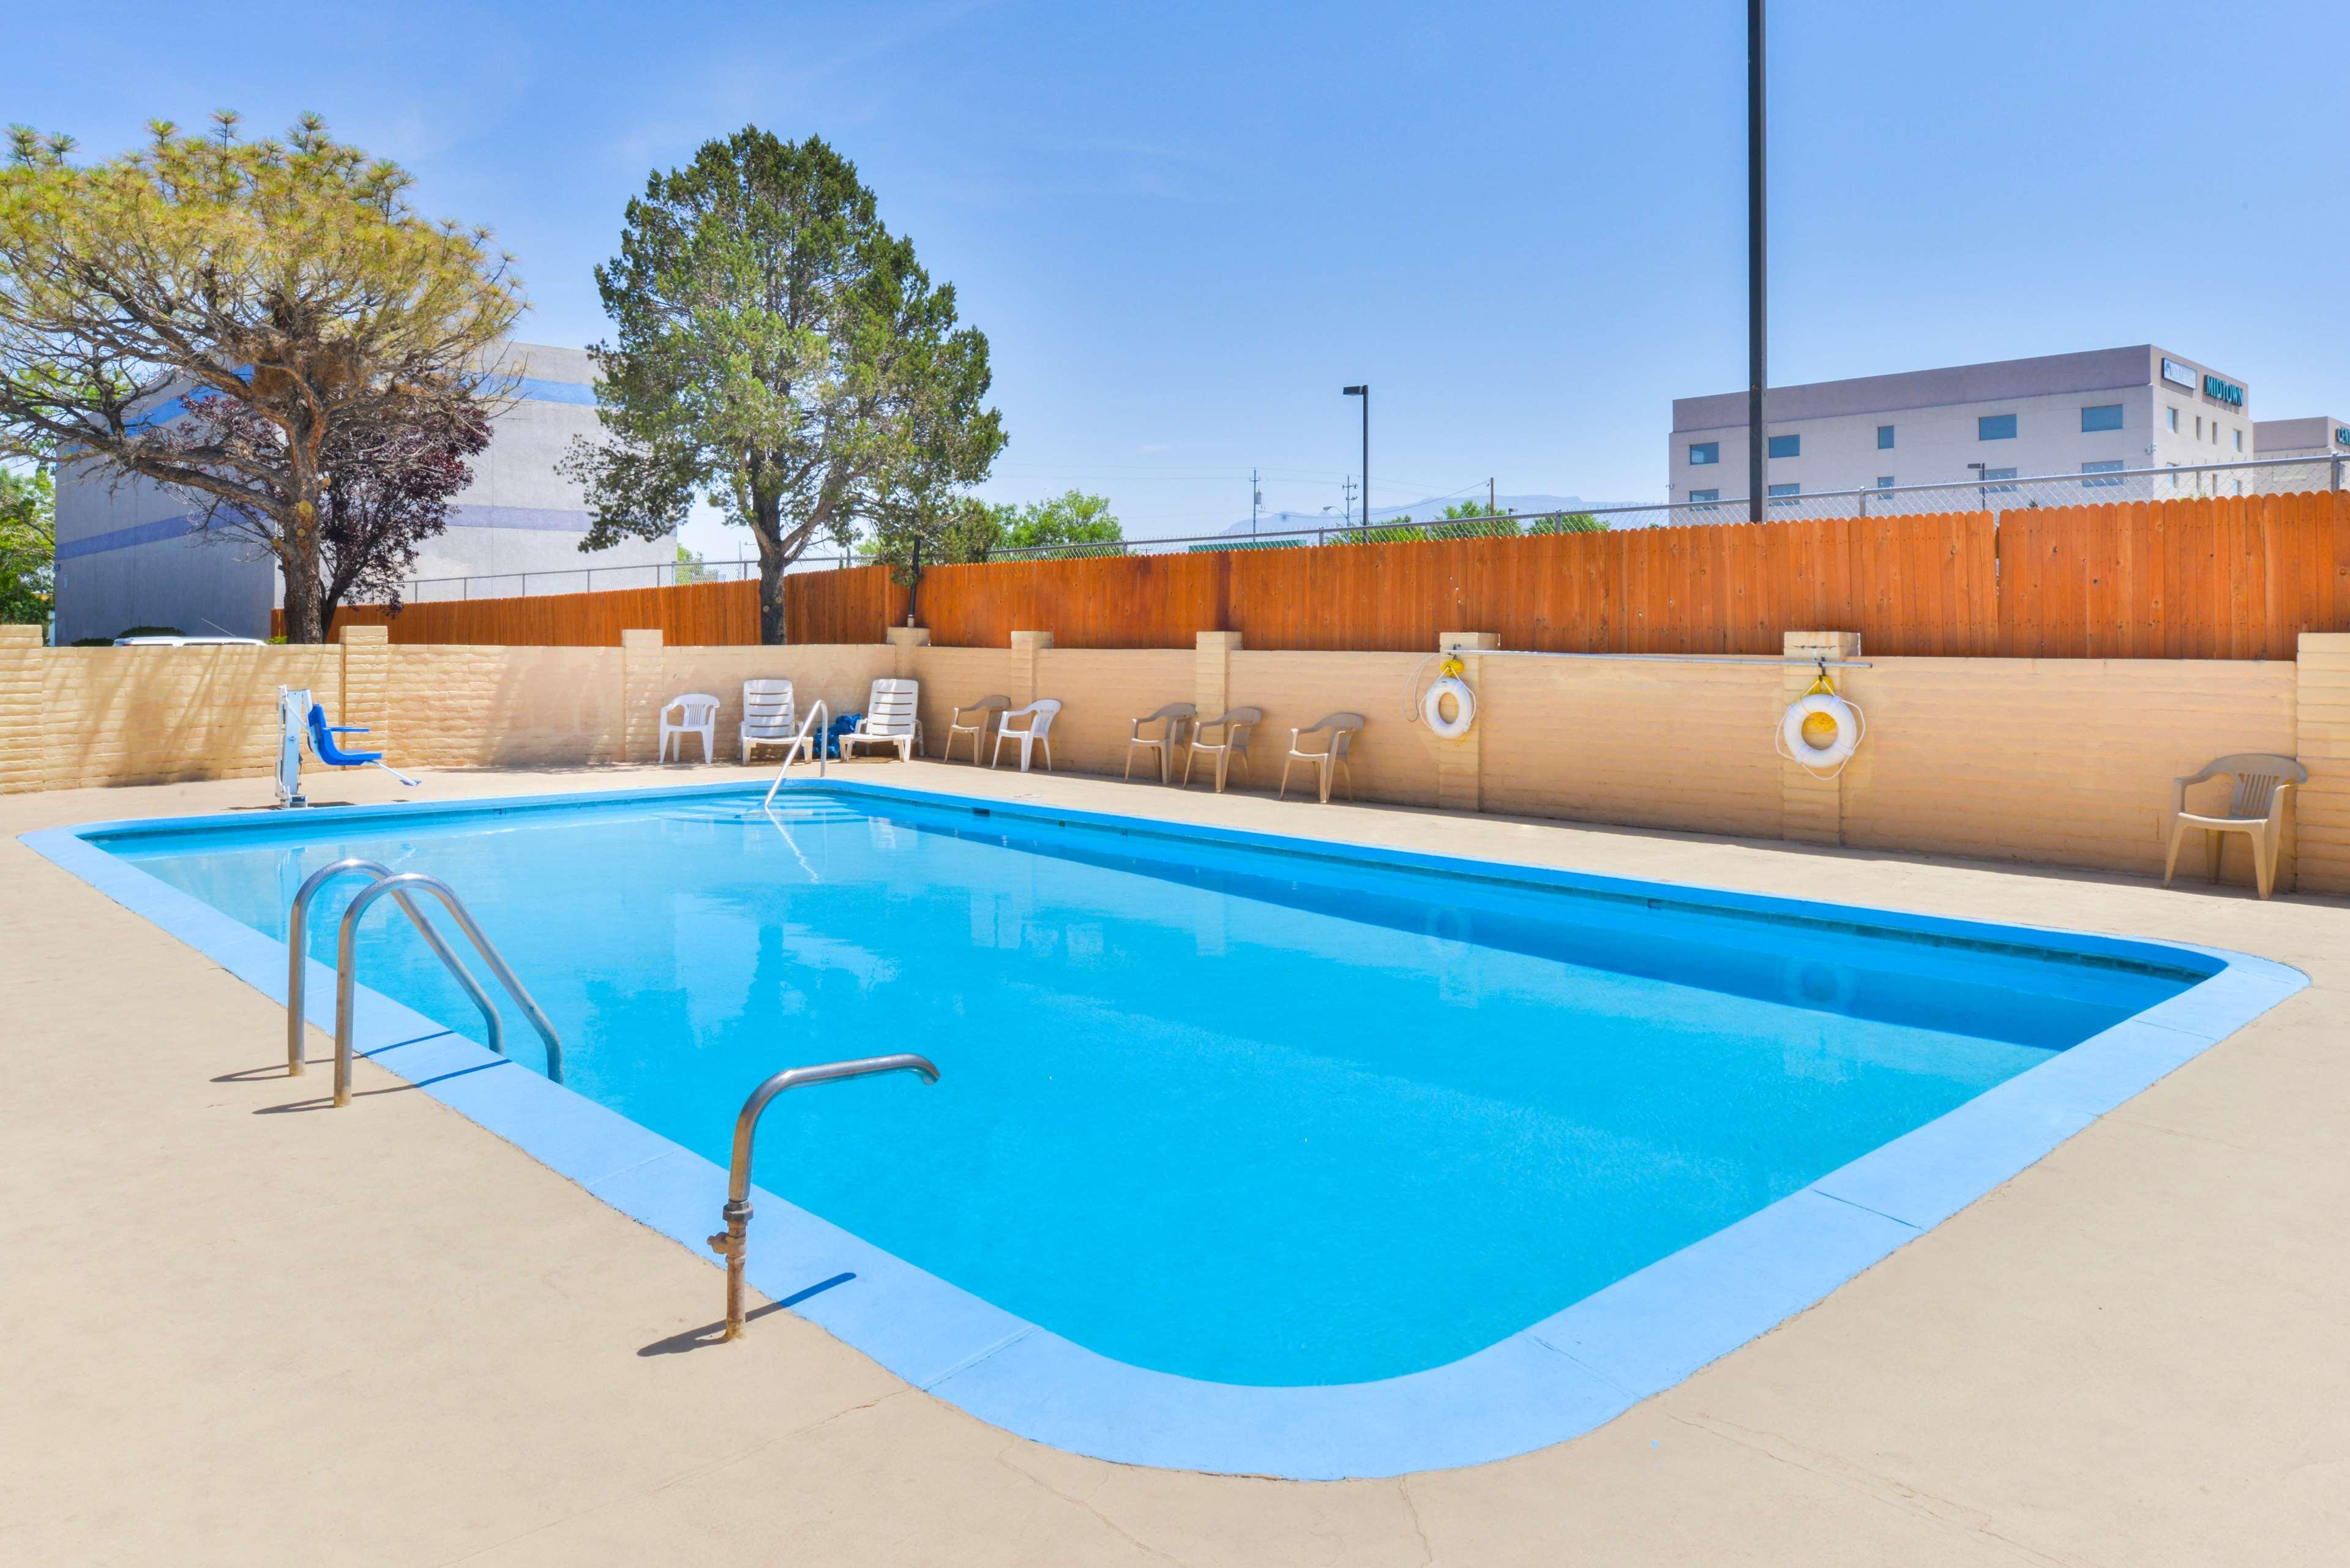 Americas Best Value Inn Midtown Albuquerque Albuquerque New Mexico